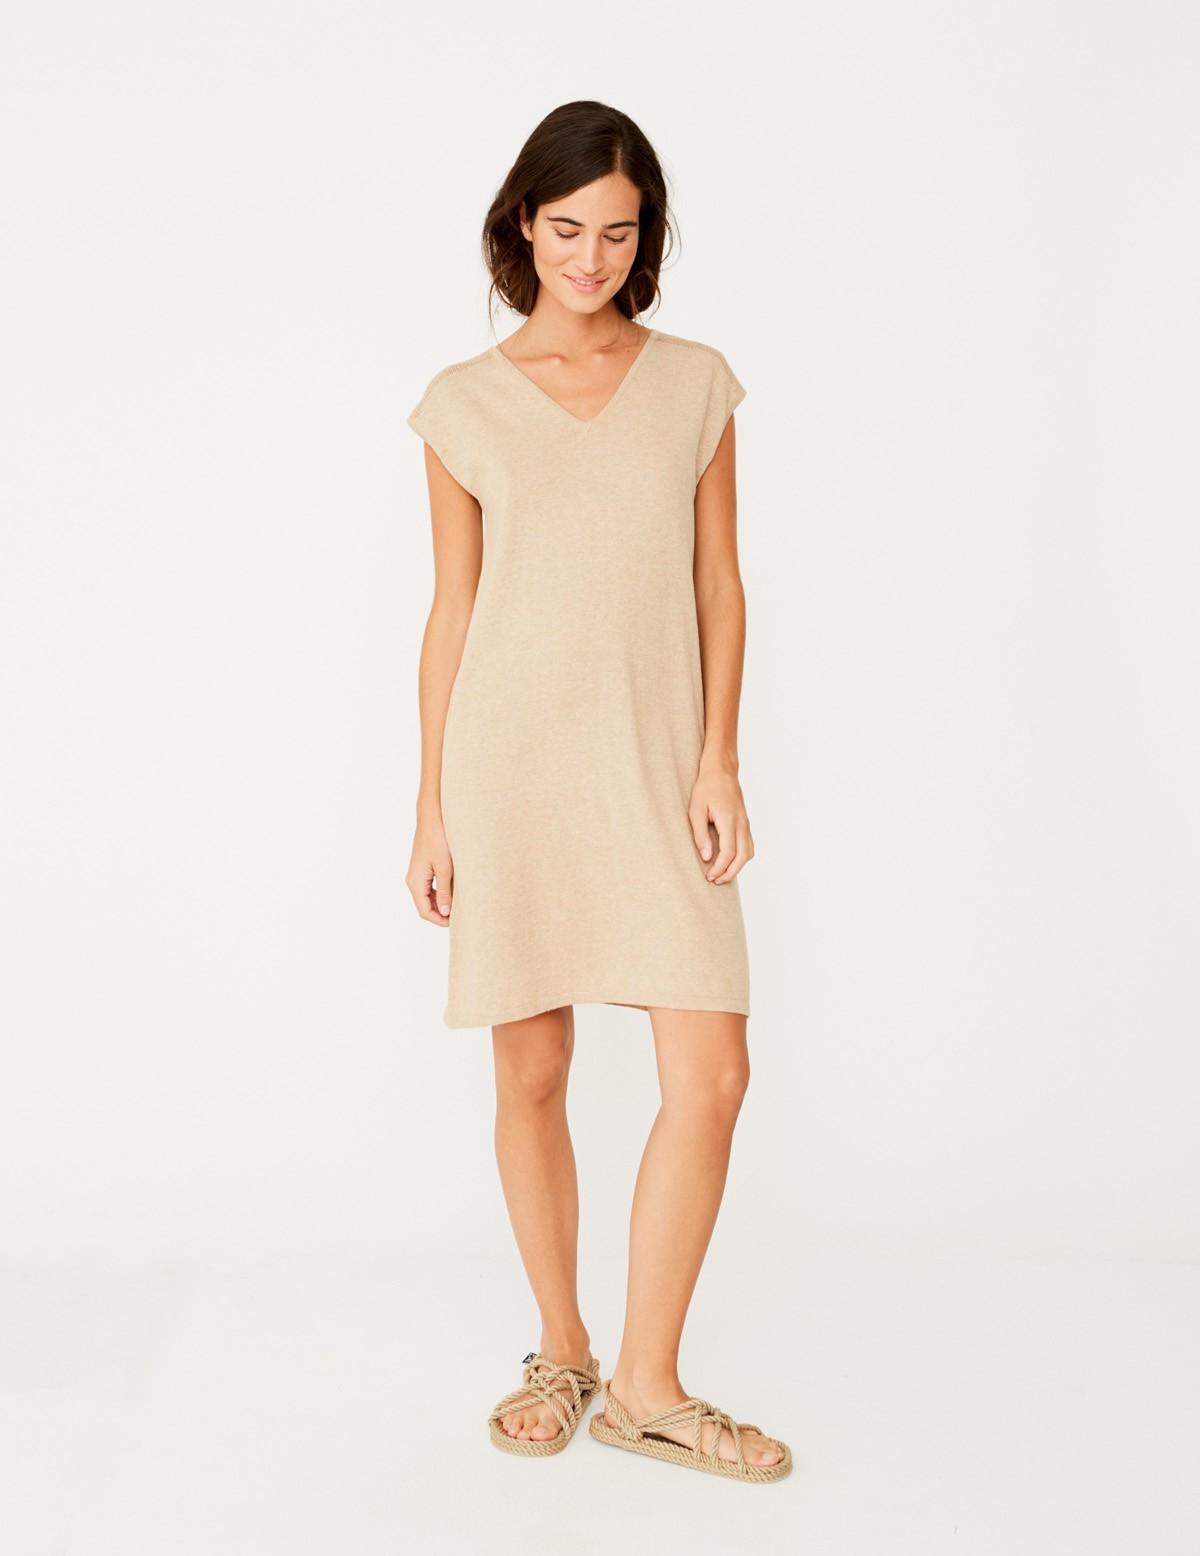 9a1d280e9dfdd Sleeveless dress with v-neckline - Item